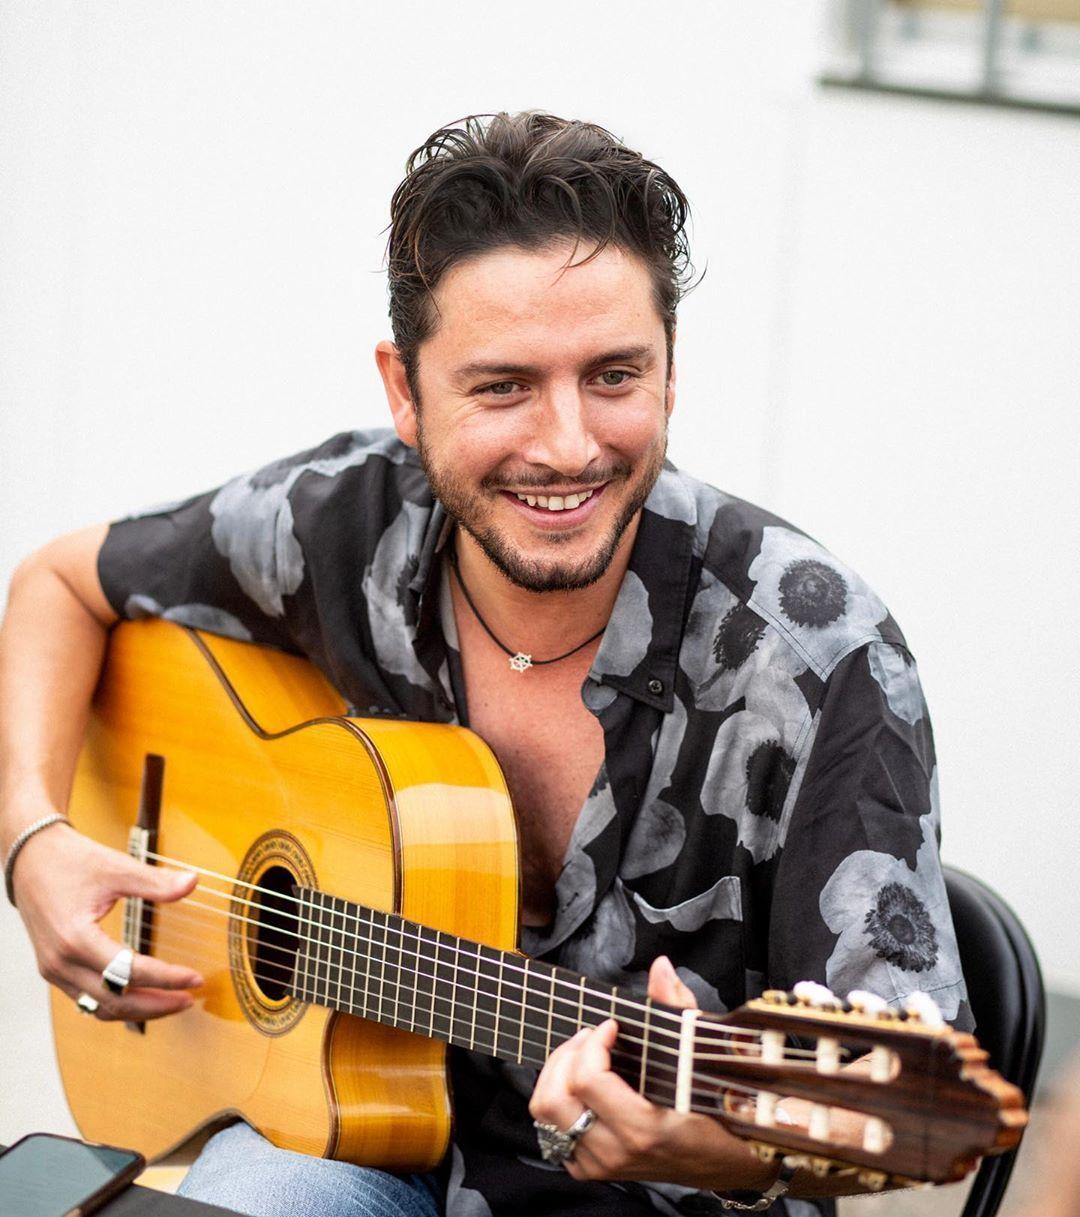 Manuel Carrasco On Instagram Y Lo Bien Que Lo Estamos Pasando En La Gira Y Ustedes Qué Concierto Verano Vida Giralacruzdelm Music Instruments Men